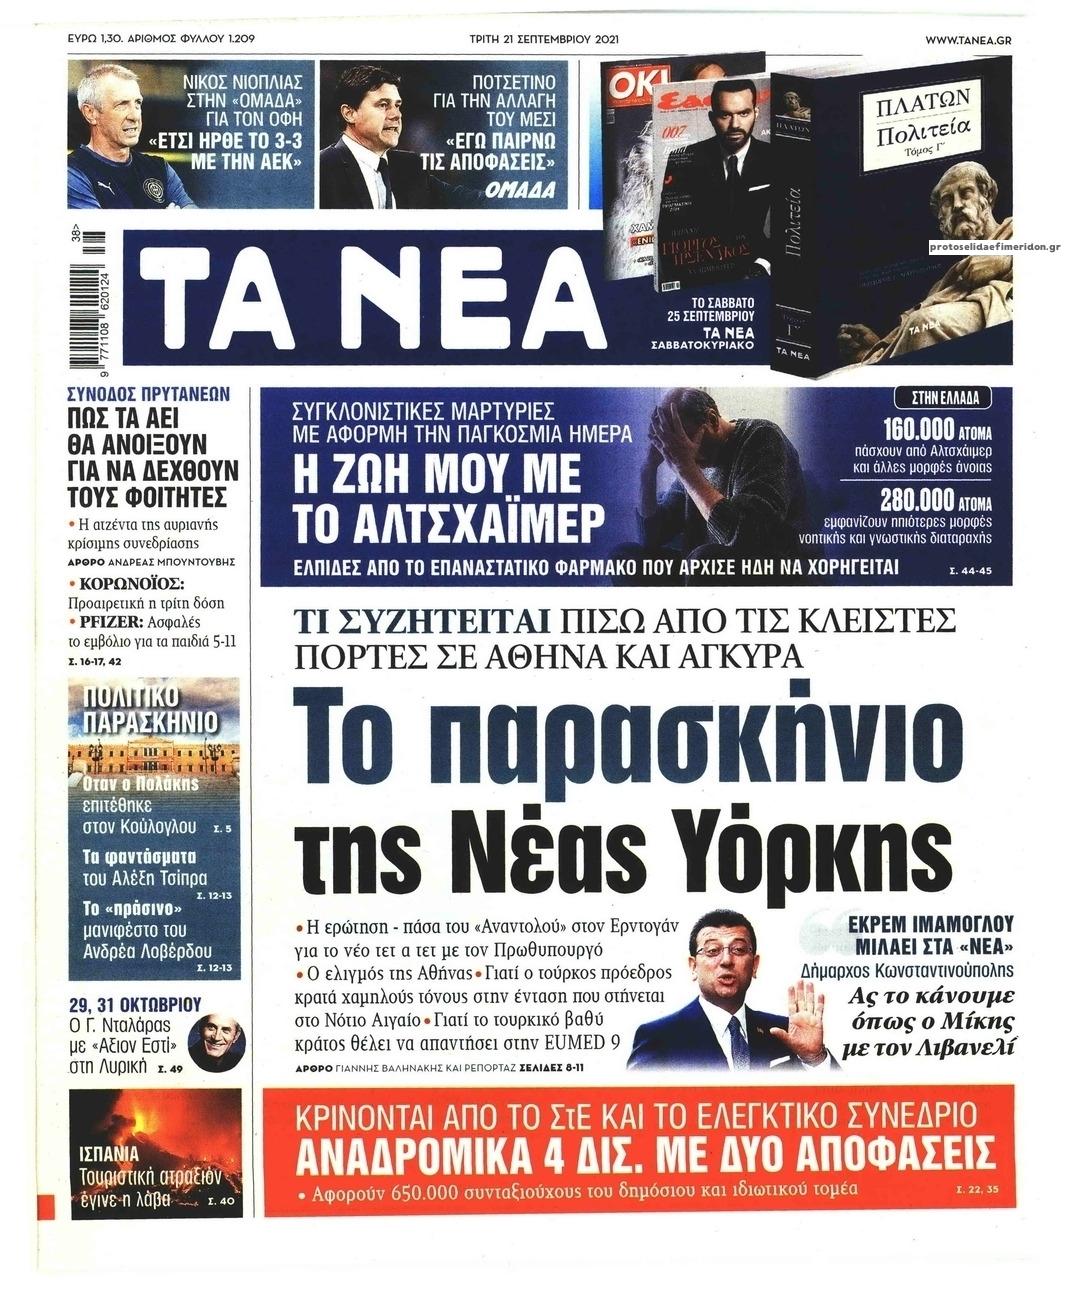 Πρωτοσέλιδο εφημερίδας Τα Νέα